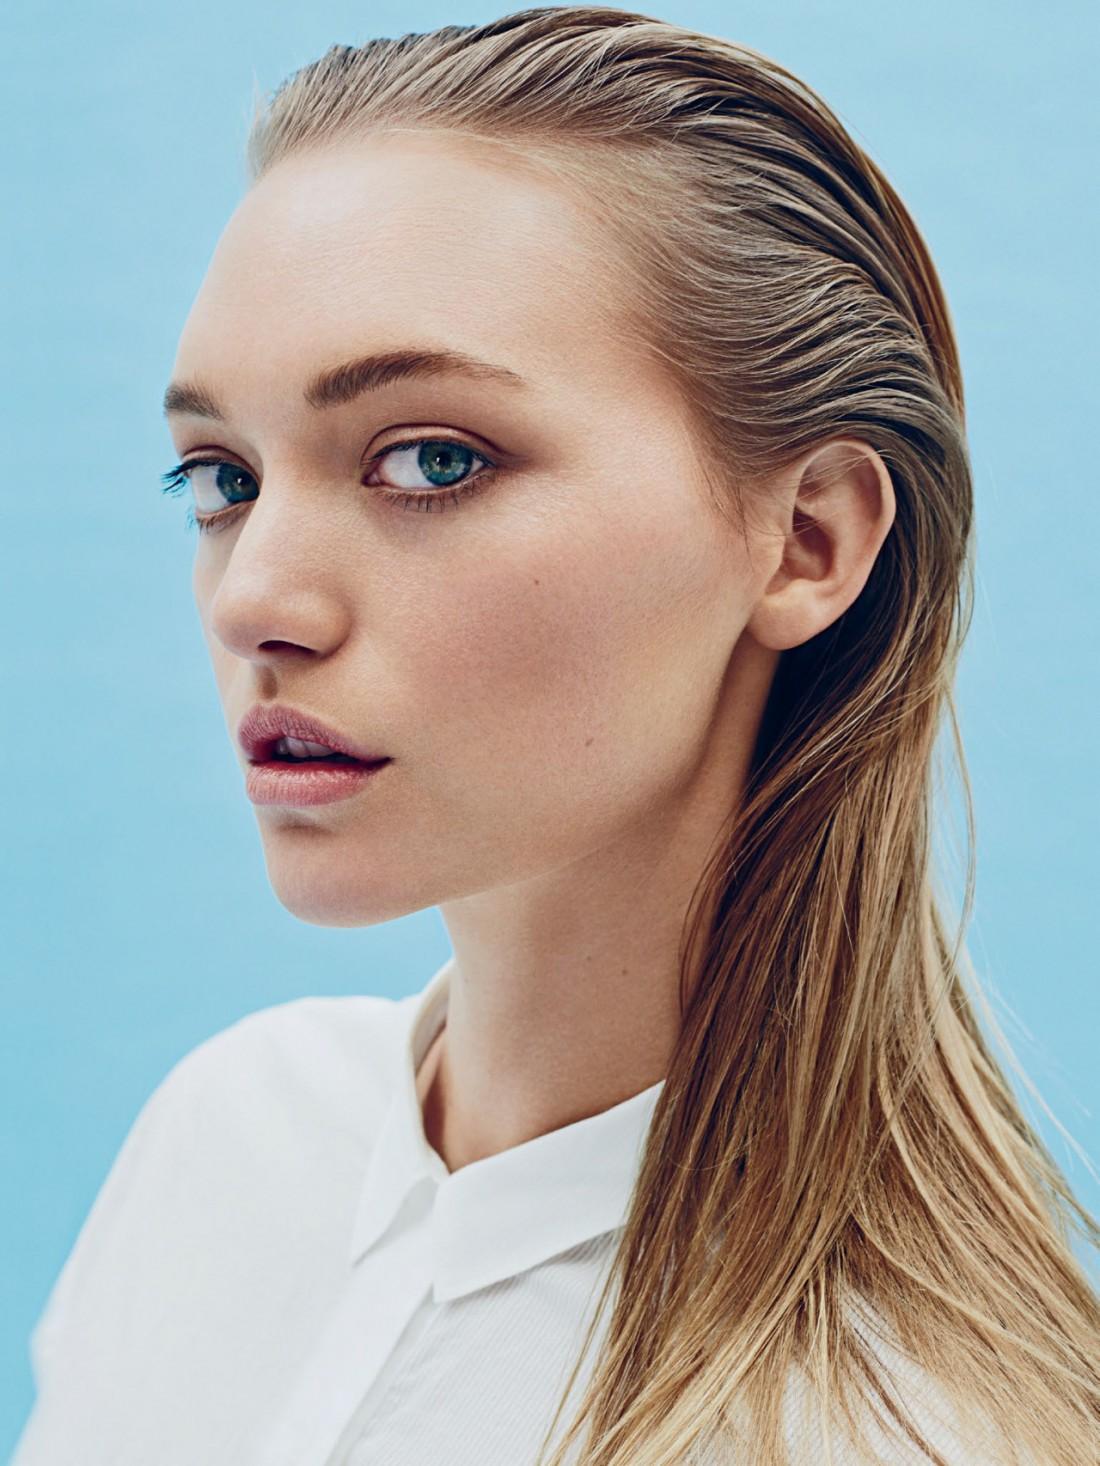 Правильный уход за волосами поможет избавиться от проблемы